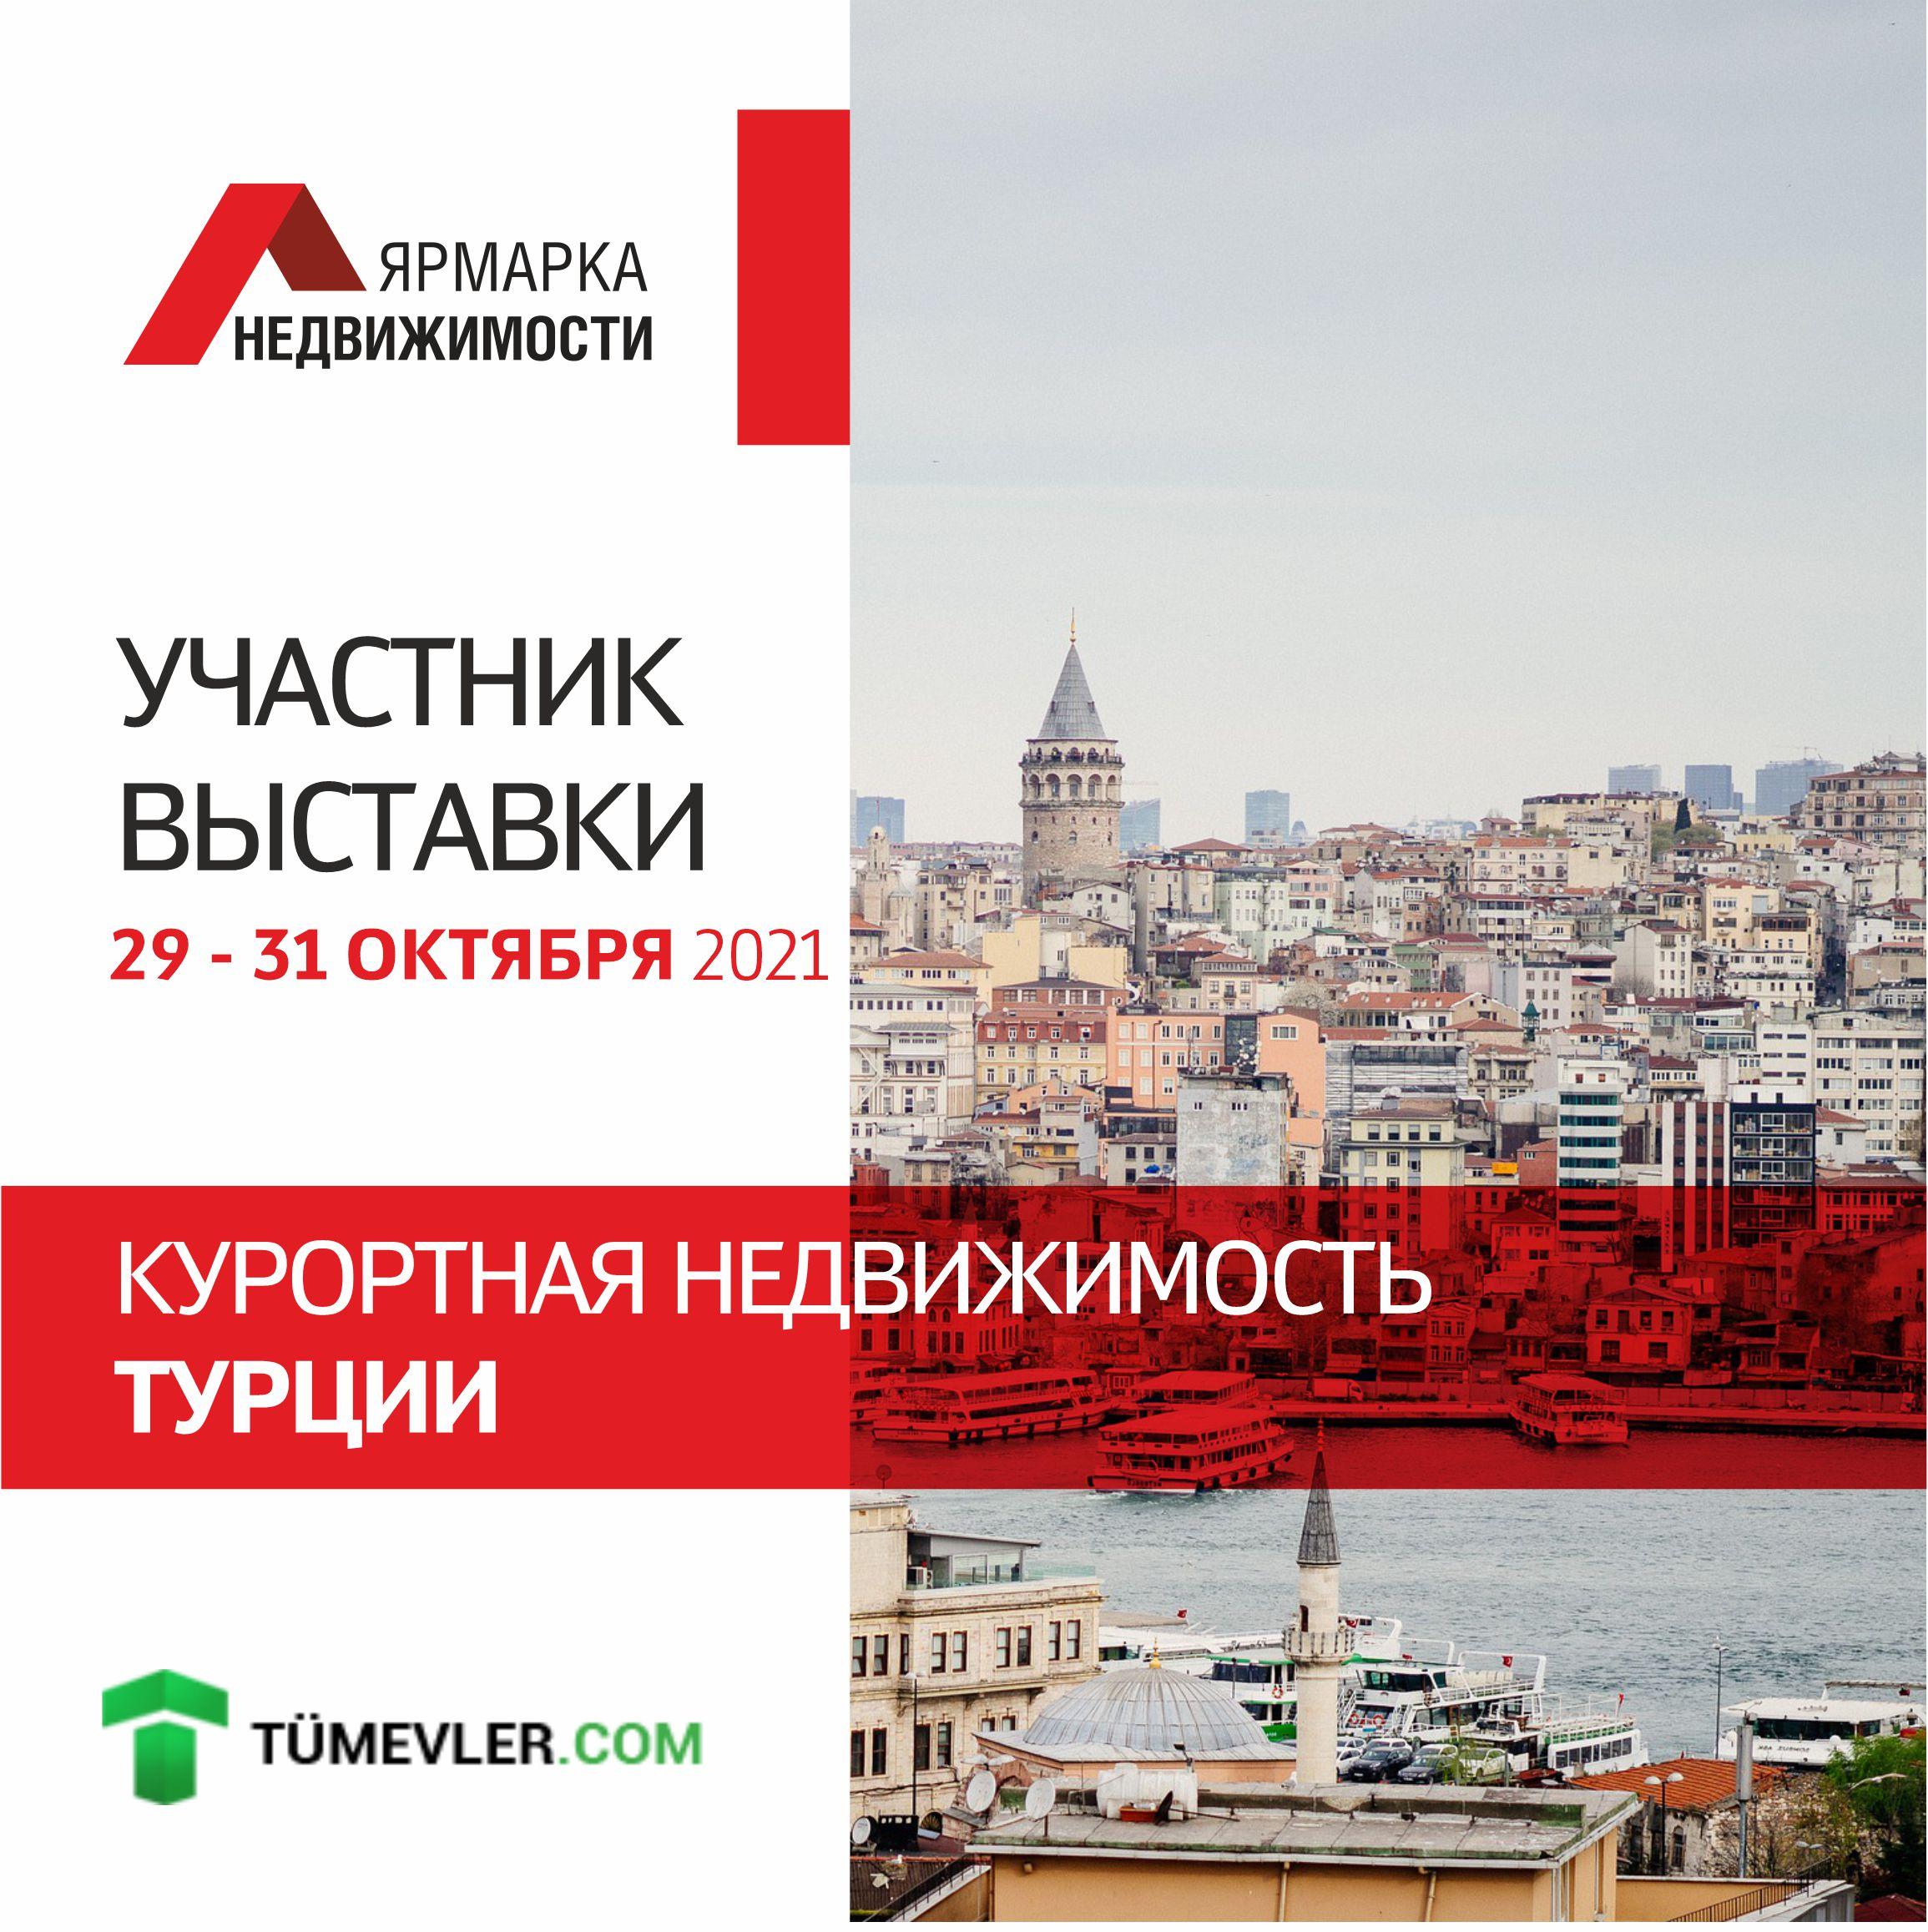 Турция — лидер спроса на недвижимость у российского инвестора